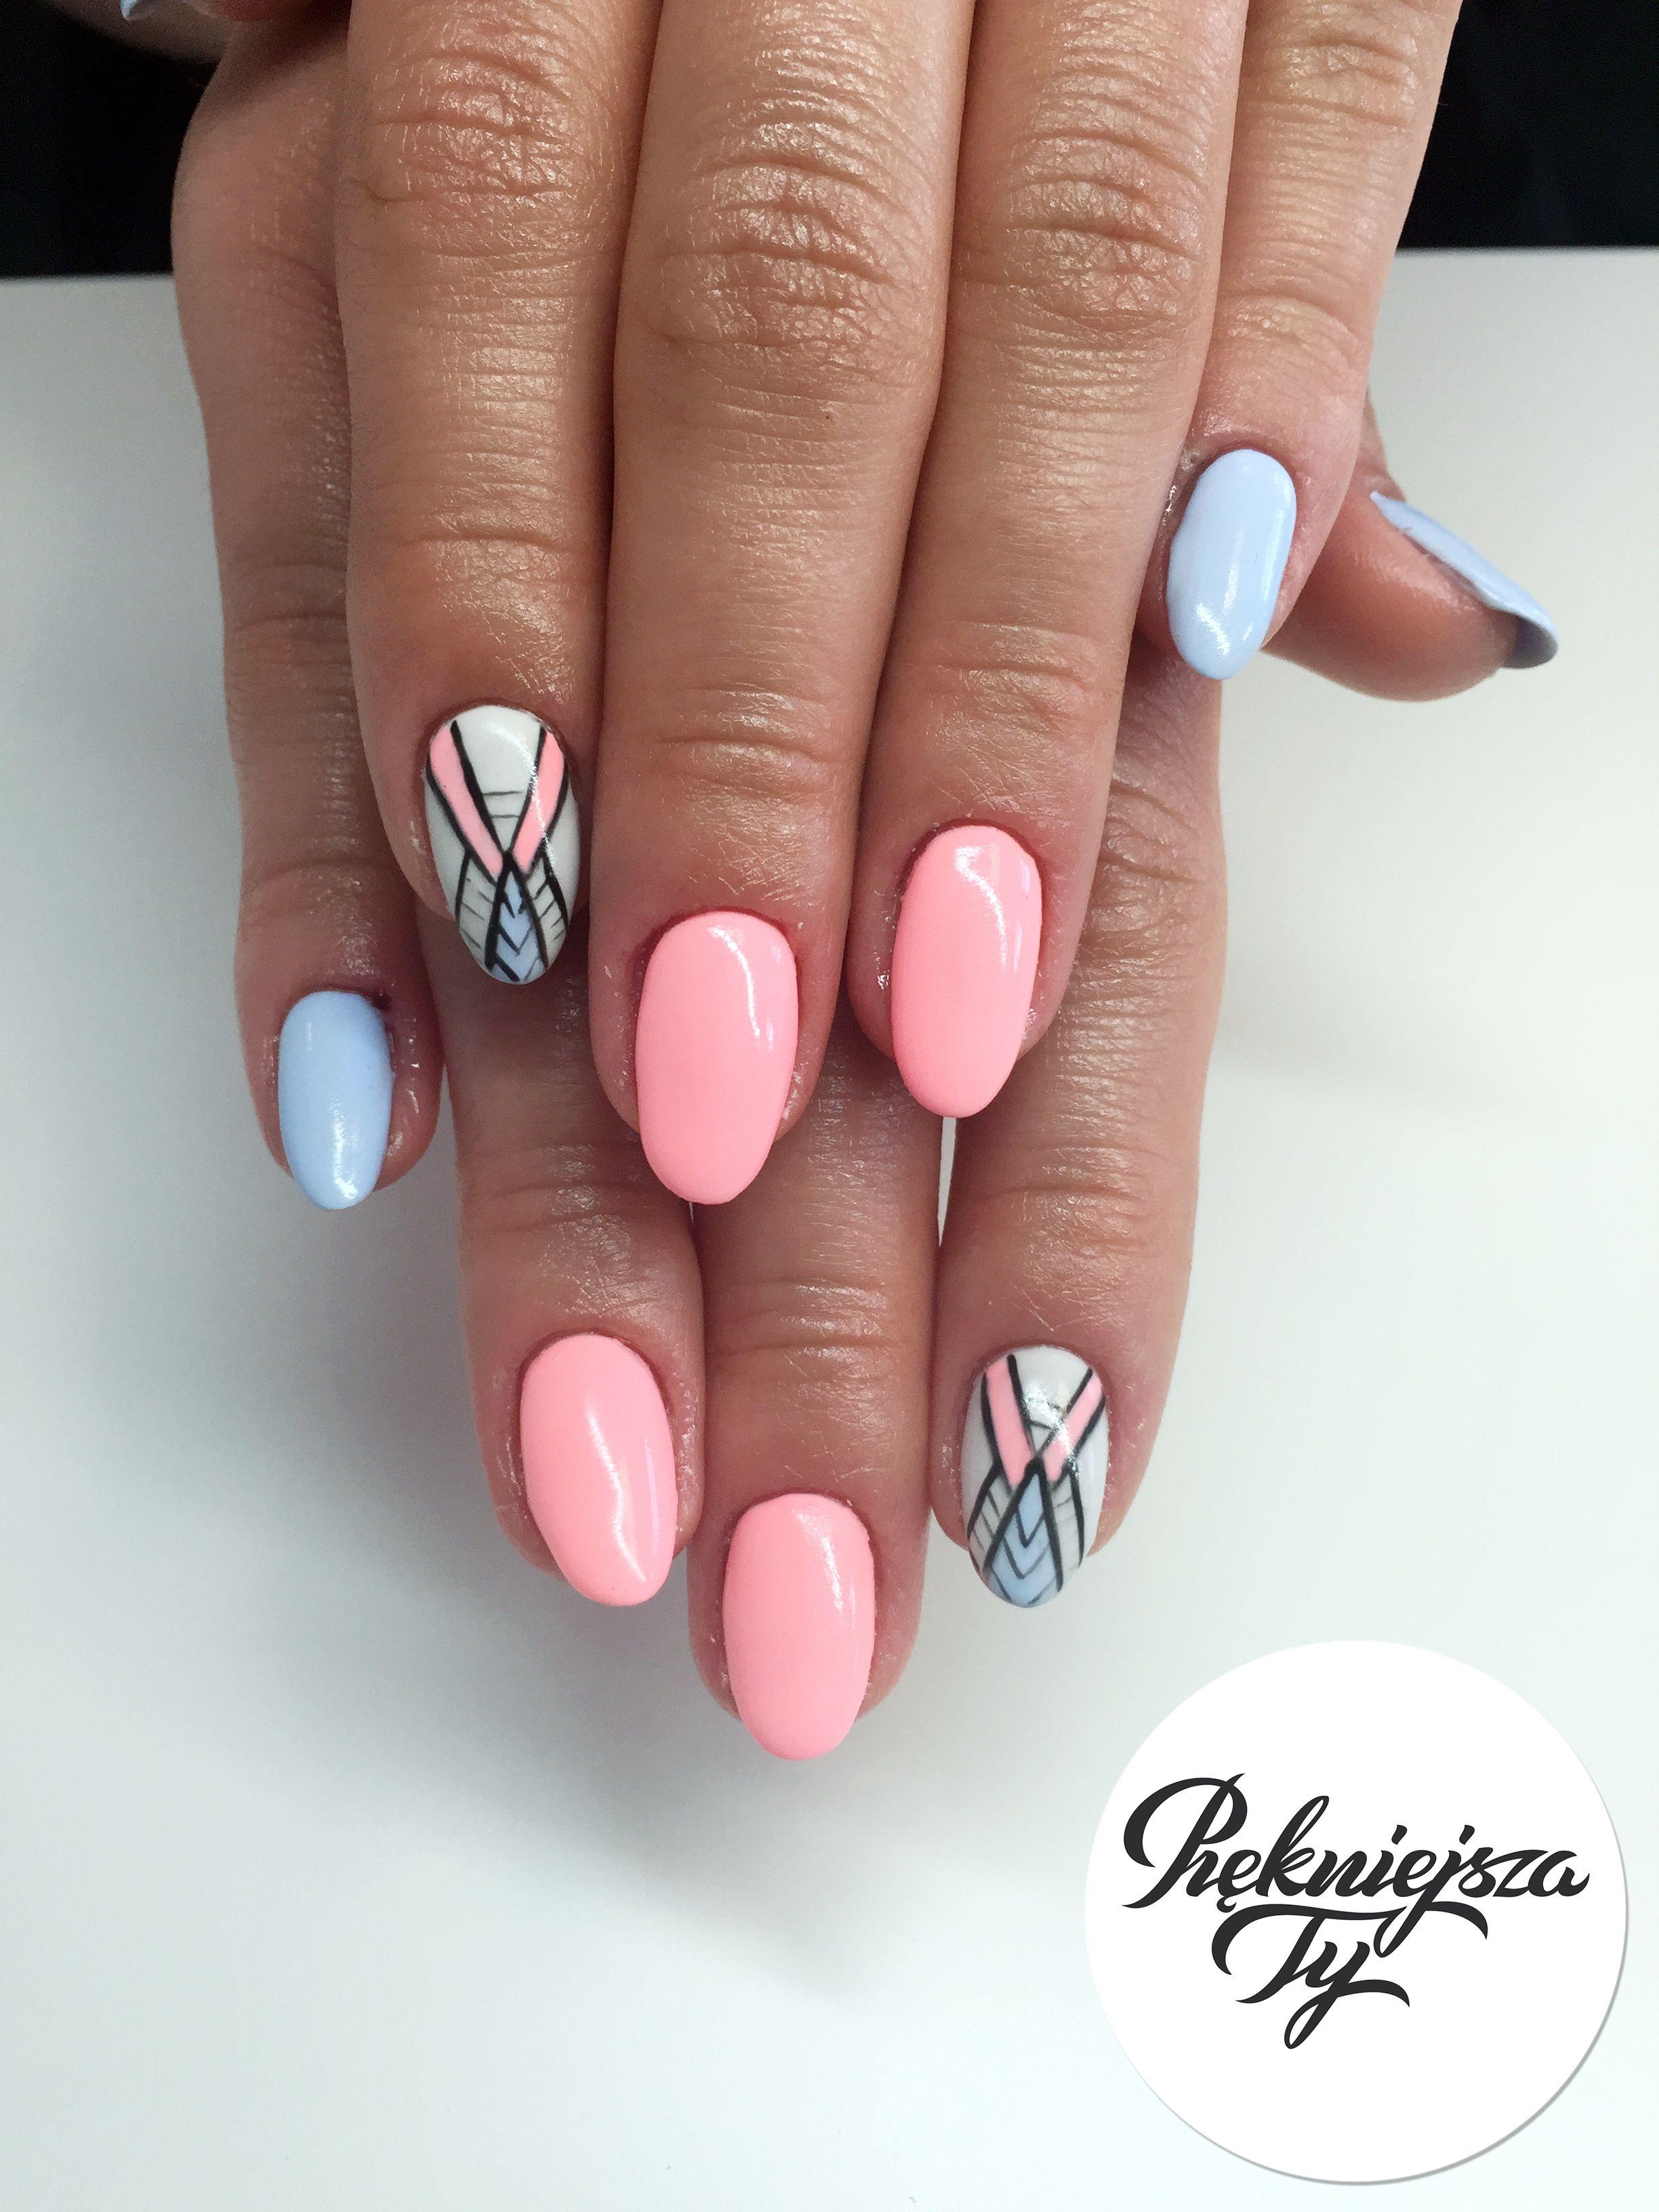 Manicure Hybrydowy With Images Manicure Paznokcie Kolorowe